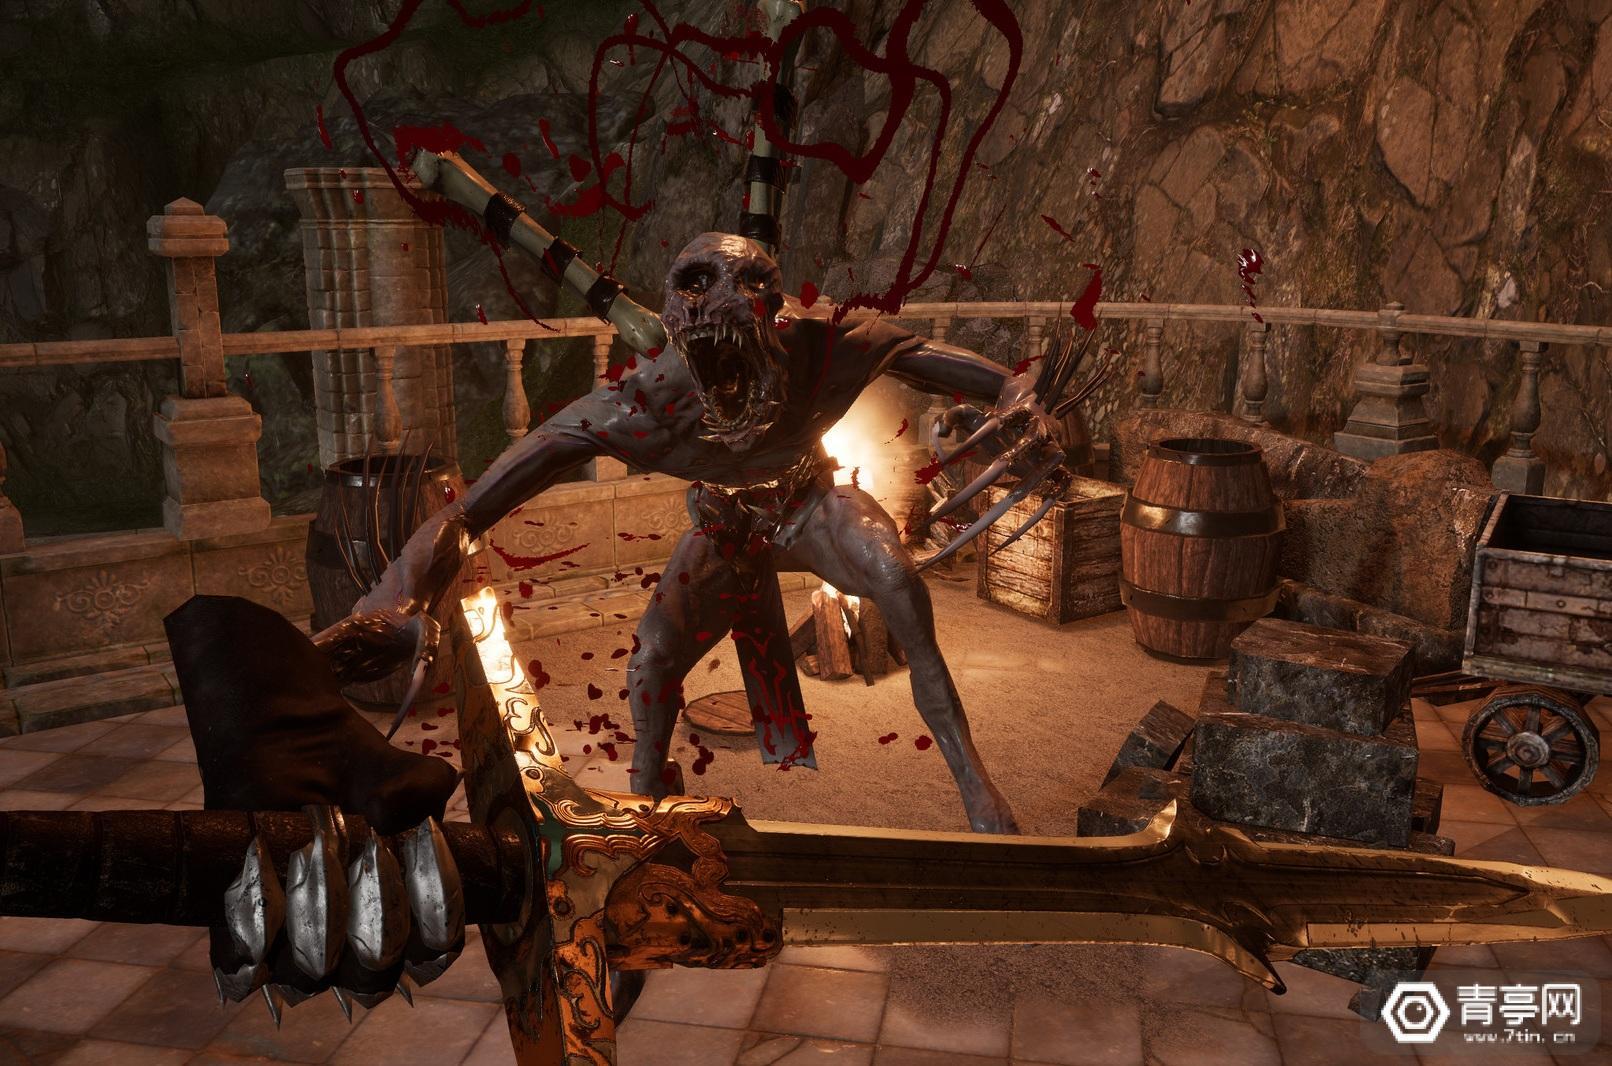 打败地狱部队!奇幻战斗视频游戏《地狱:死亡地带》登陆Steam